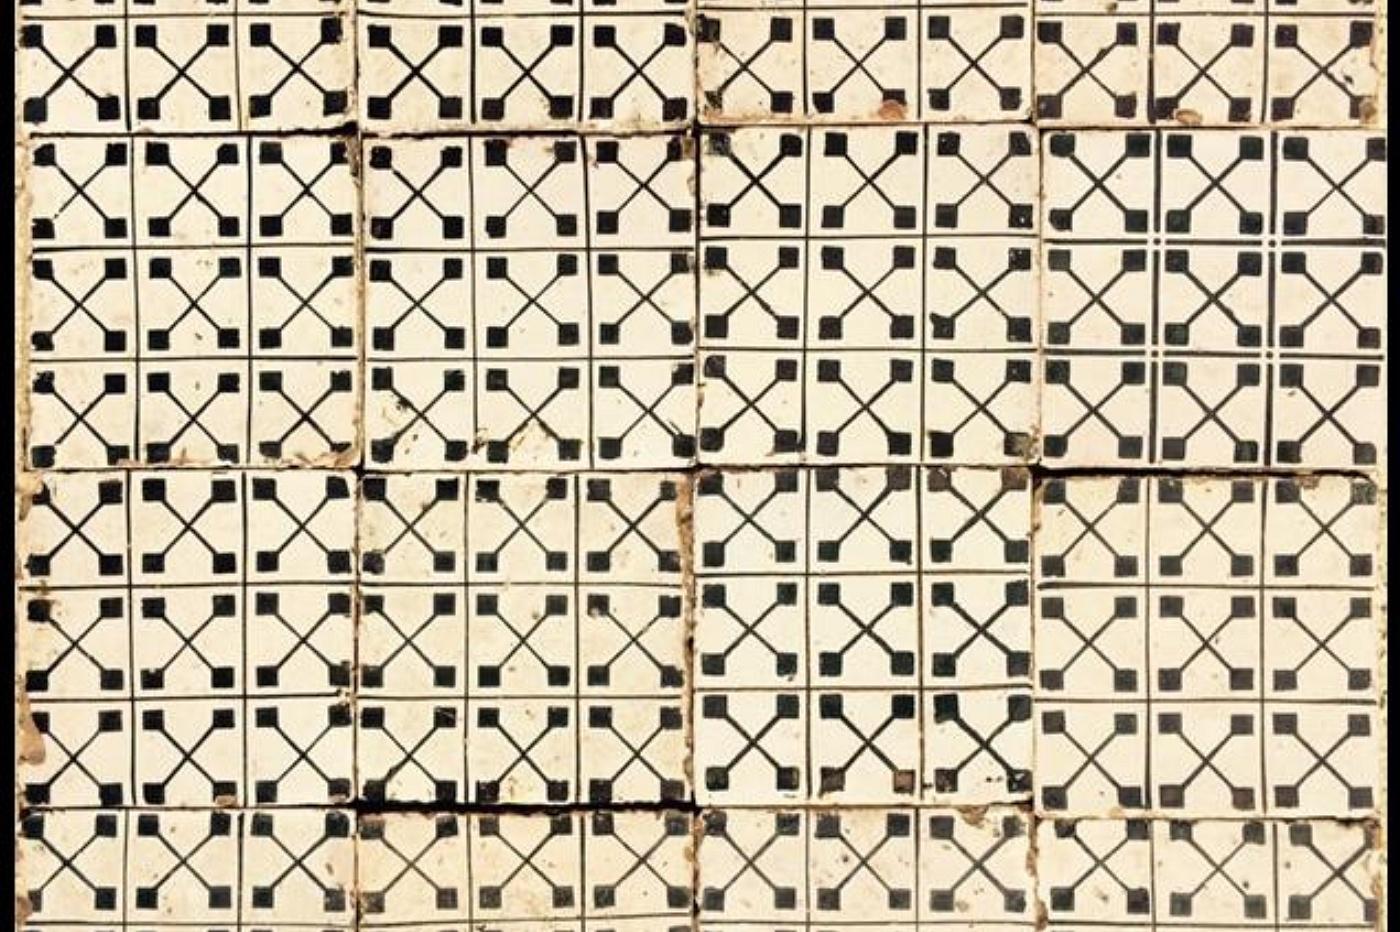 Mattonelle antiche mattoni piastrelle antiche la - La riggiola piastrelle ...